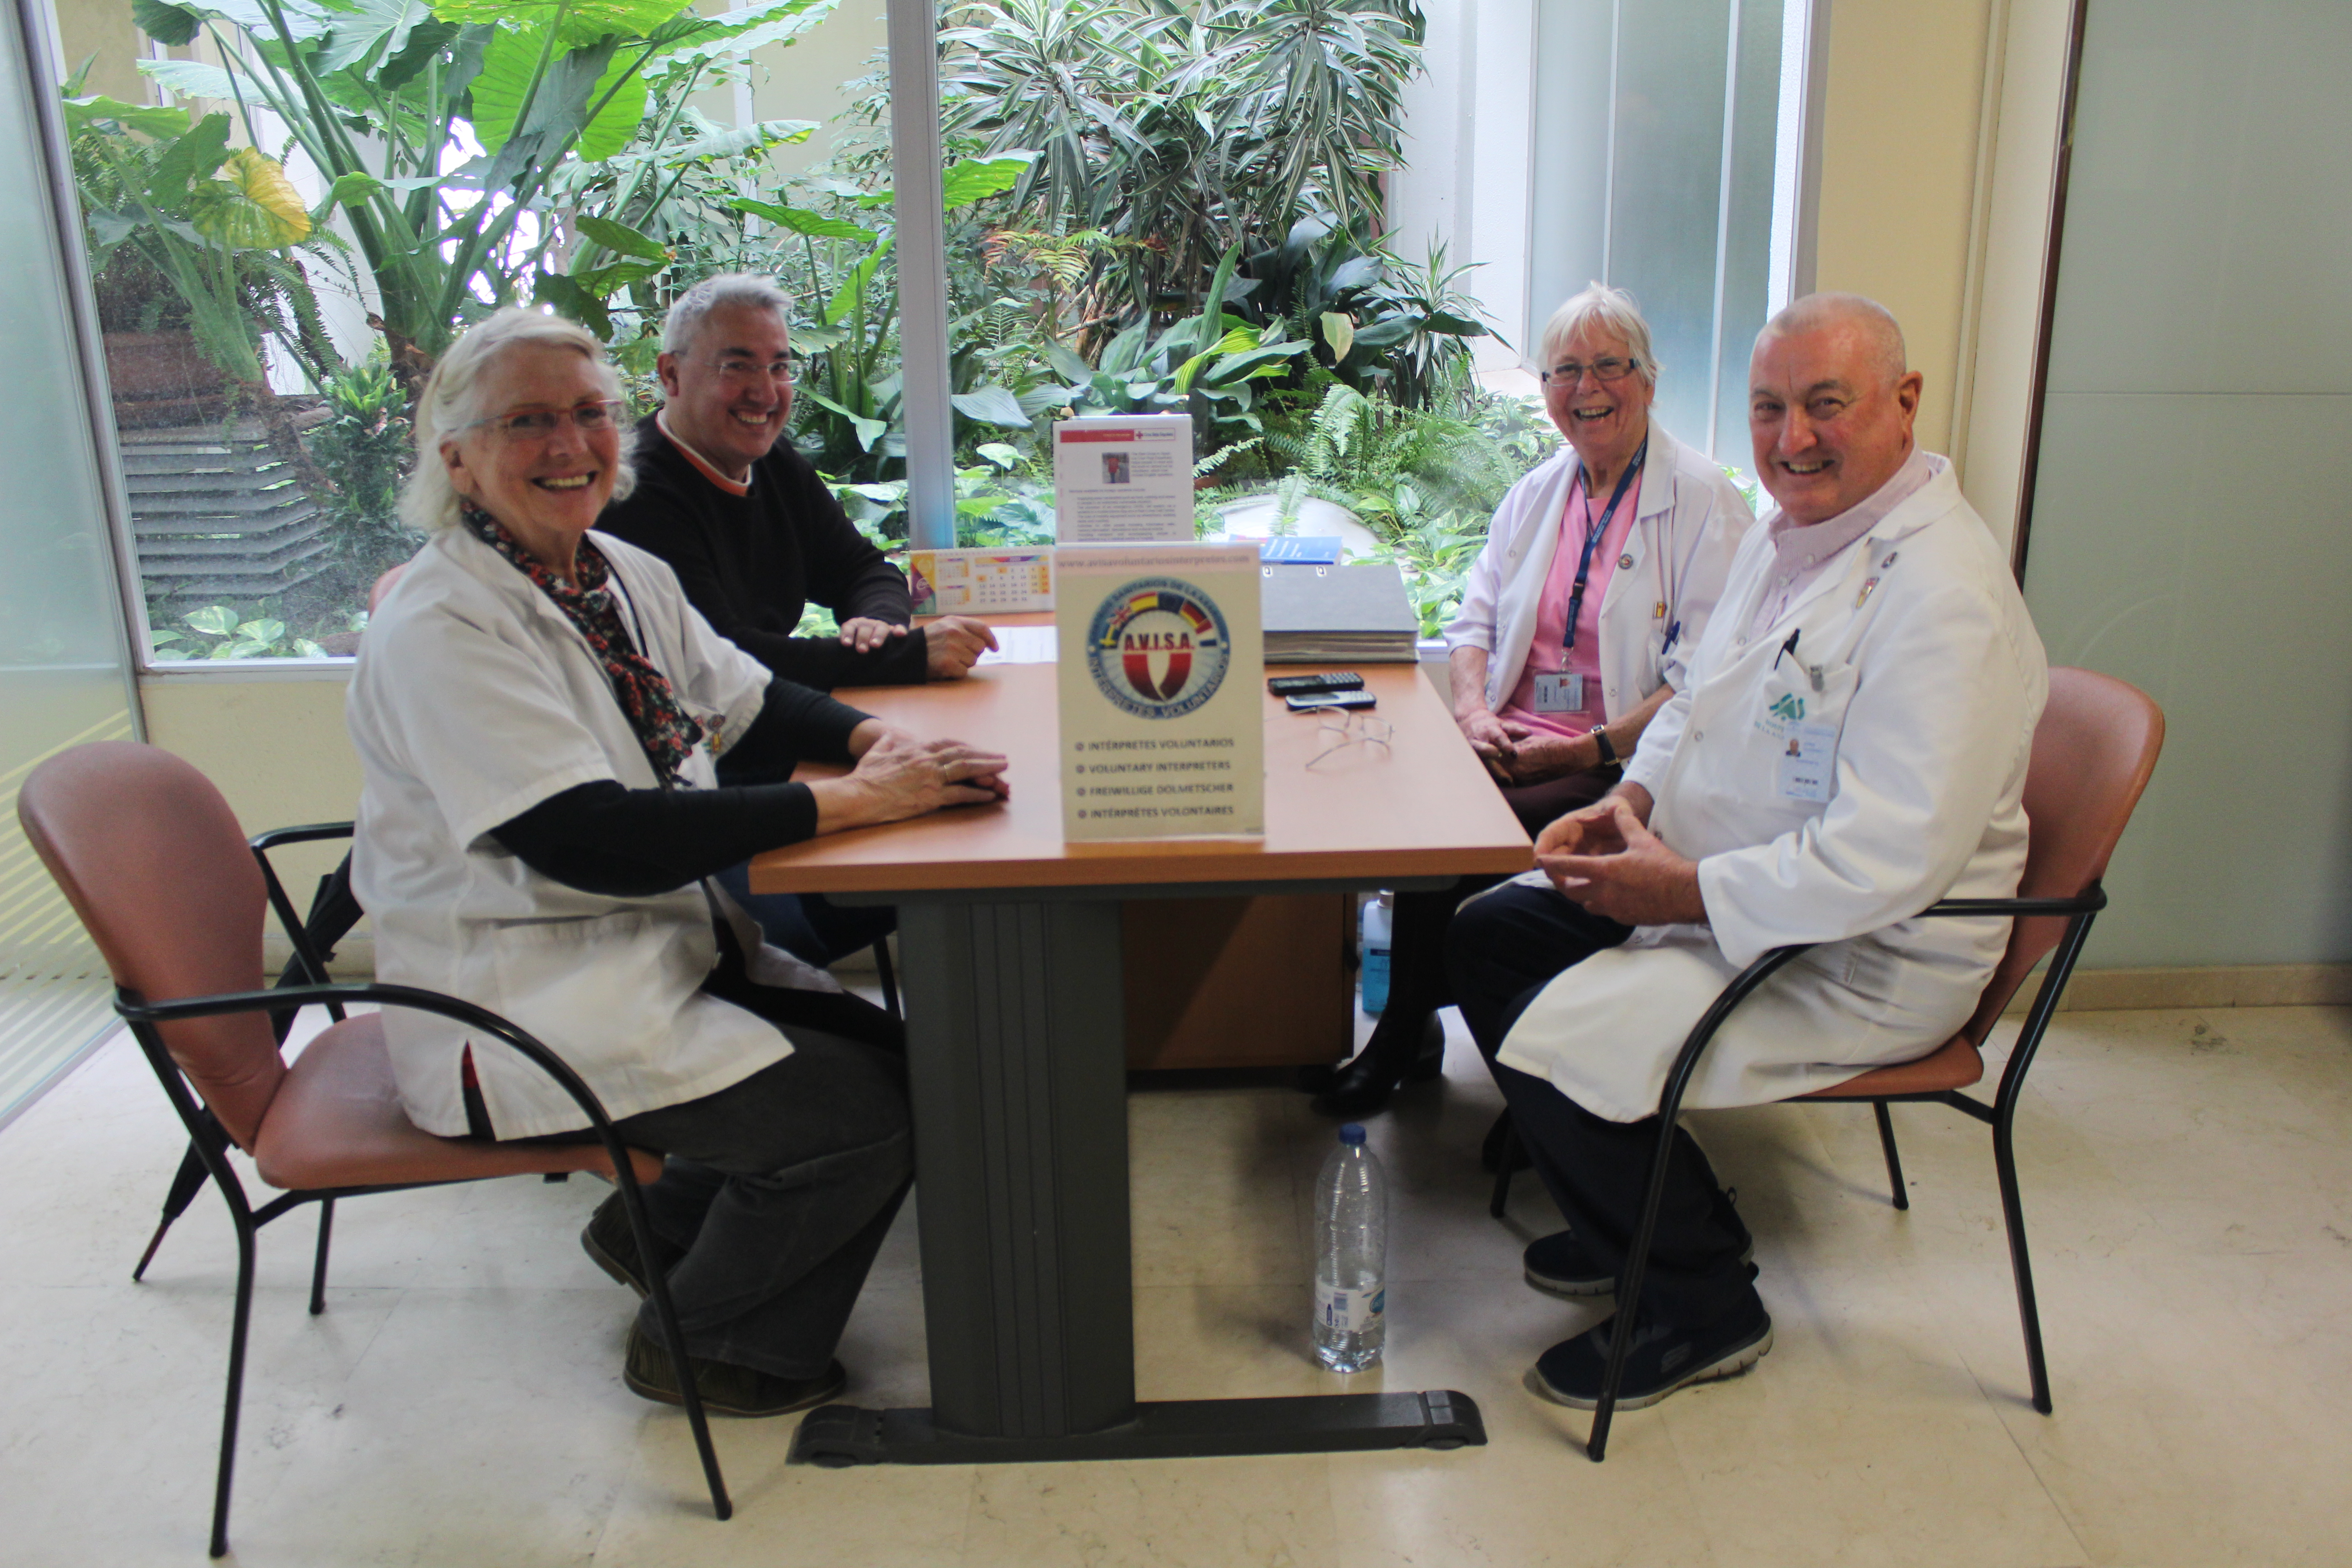 La Asociación de Intérpretes Voluntarios para la Salud de la Axarquía realizó el año pasado 14.565 actuaciones en nuestra Área Sanitaria